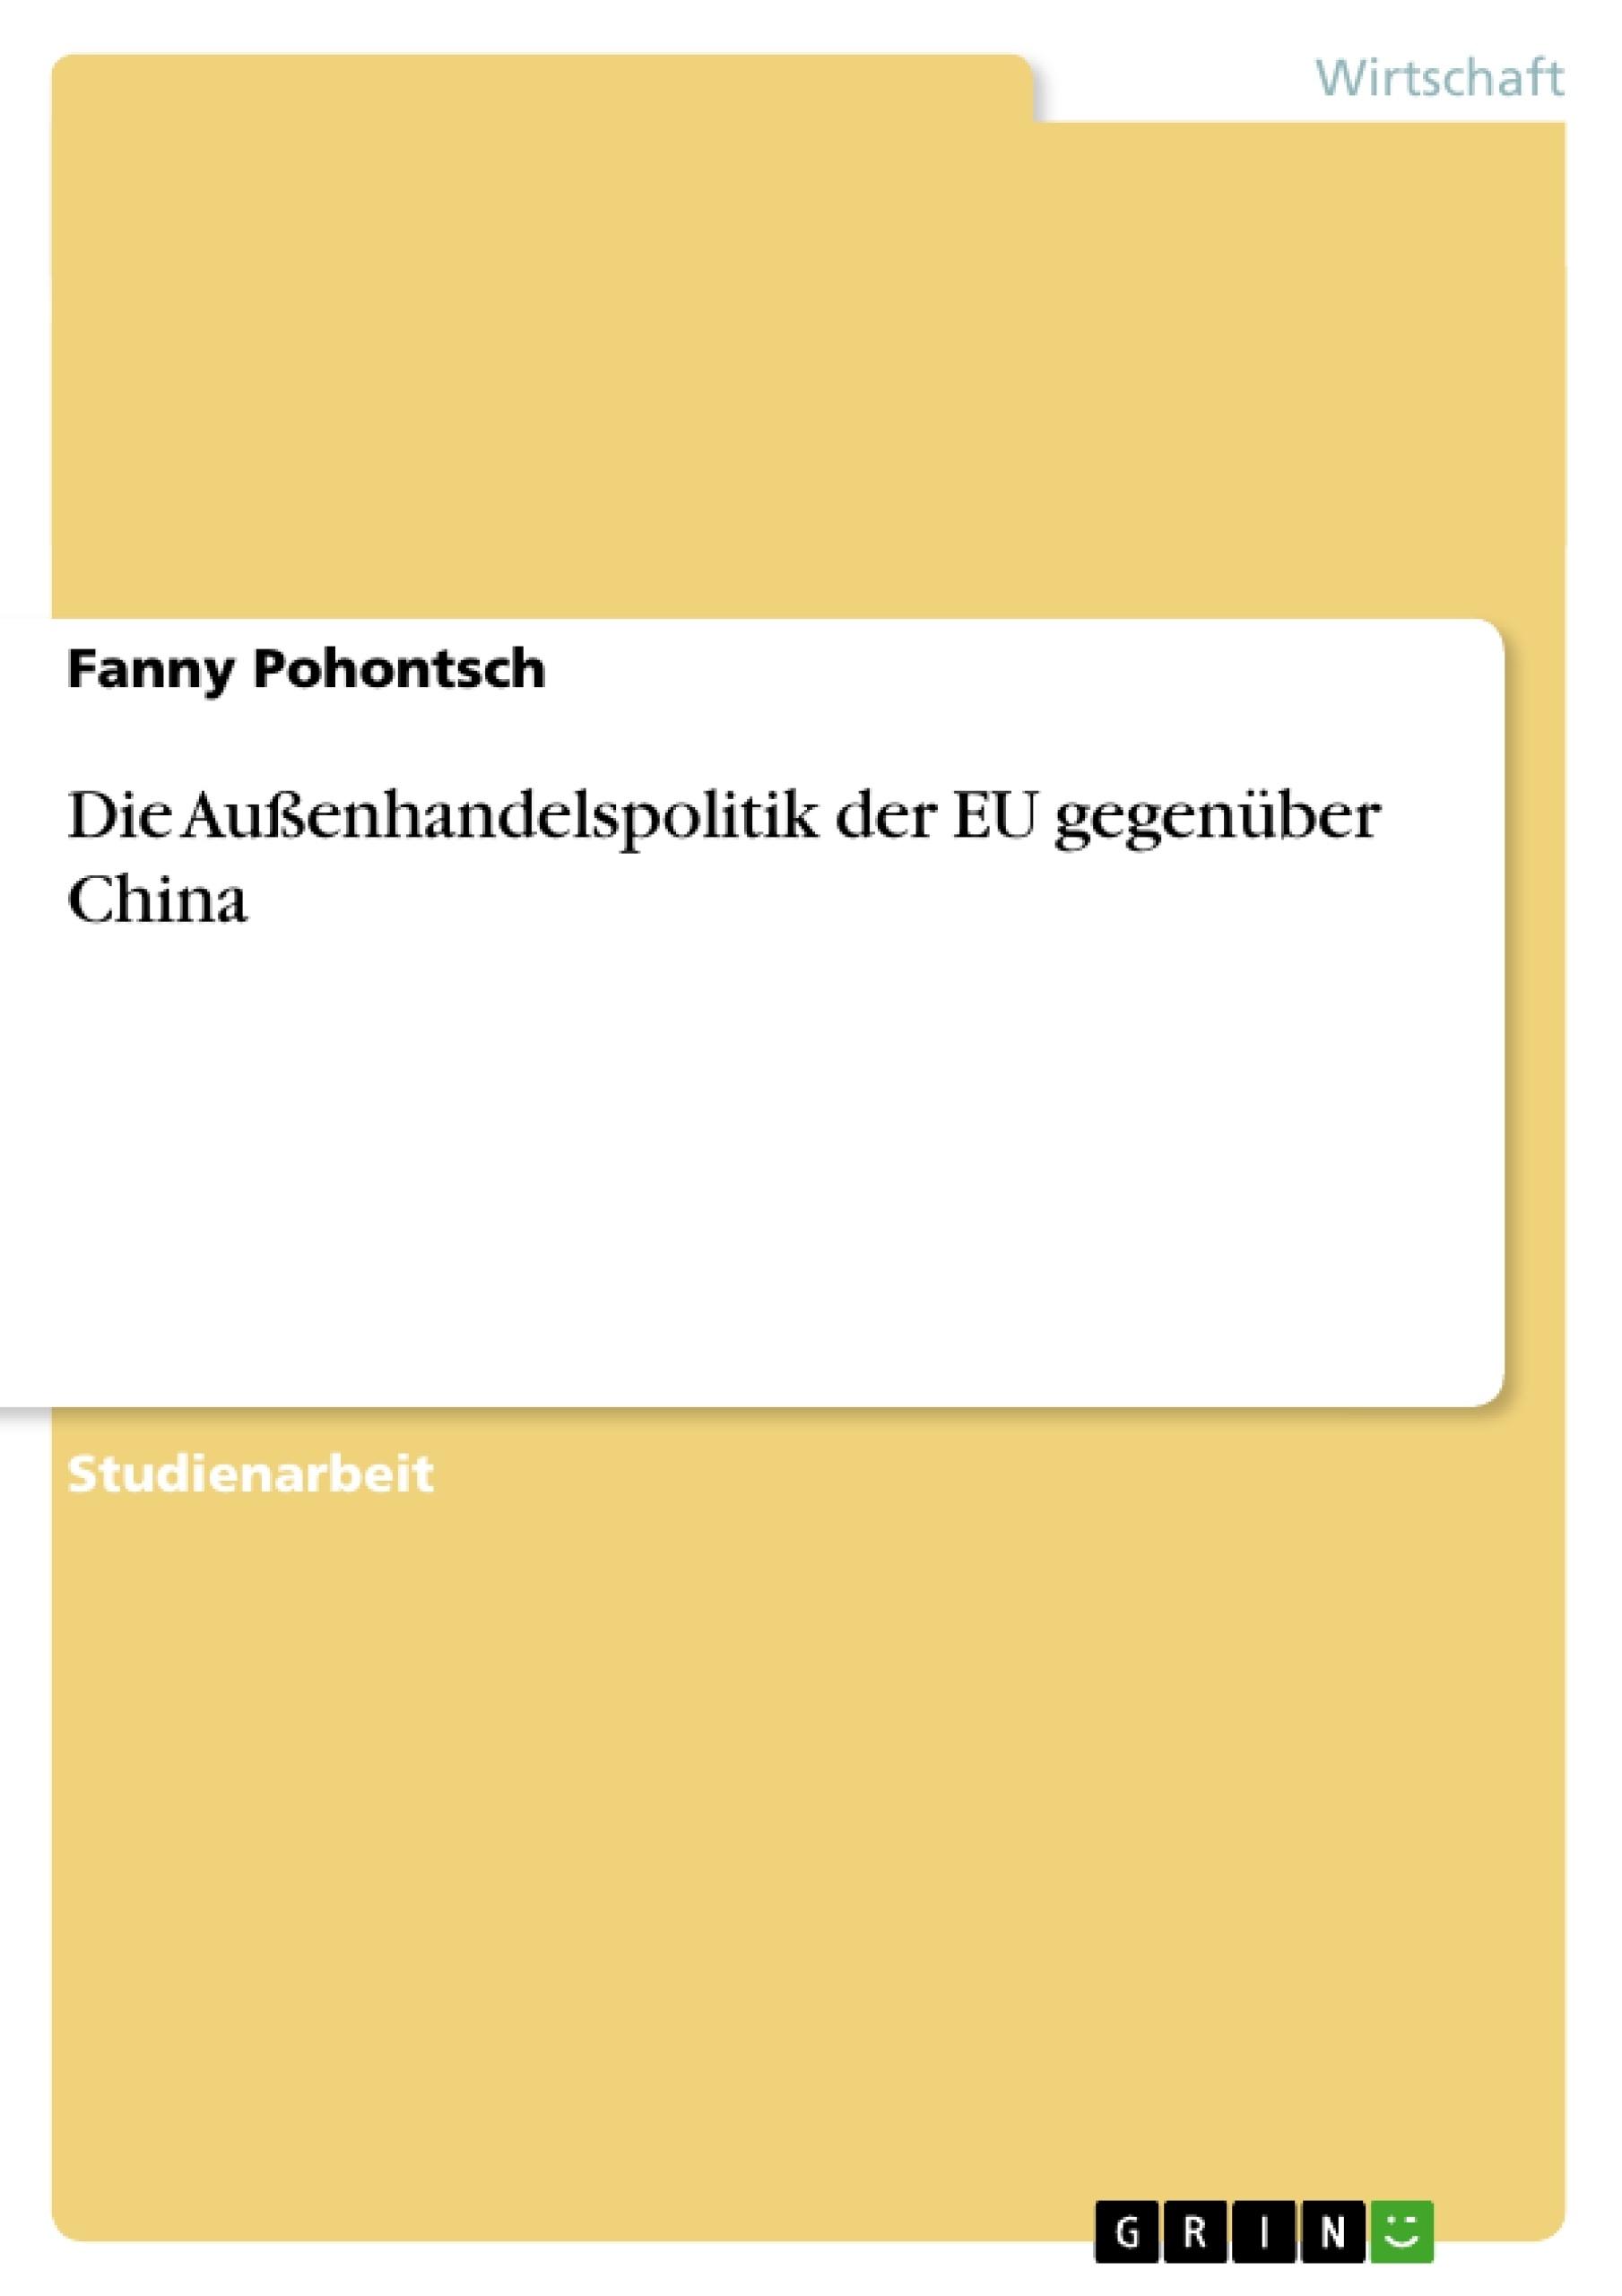 Titel: Die Außenhandelspolitik der EU gegenüber China